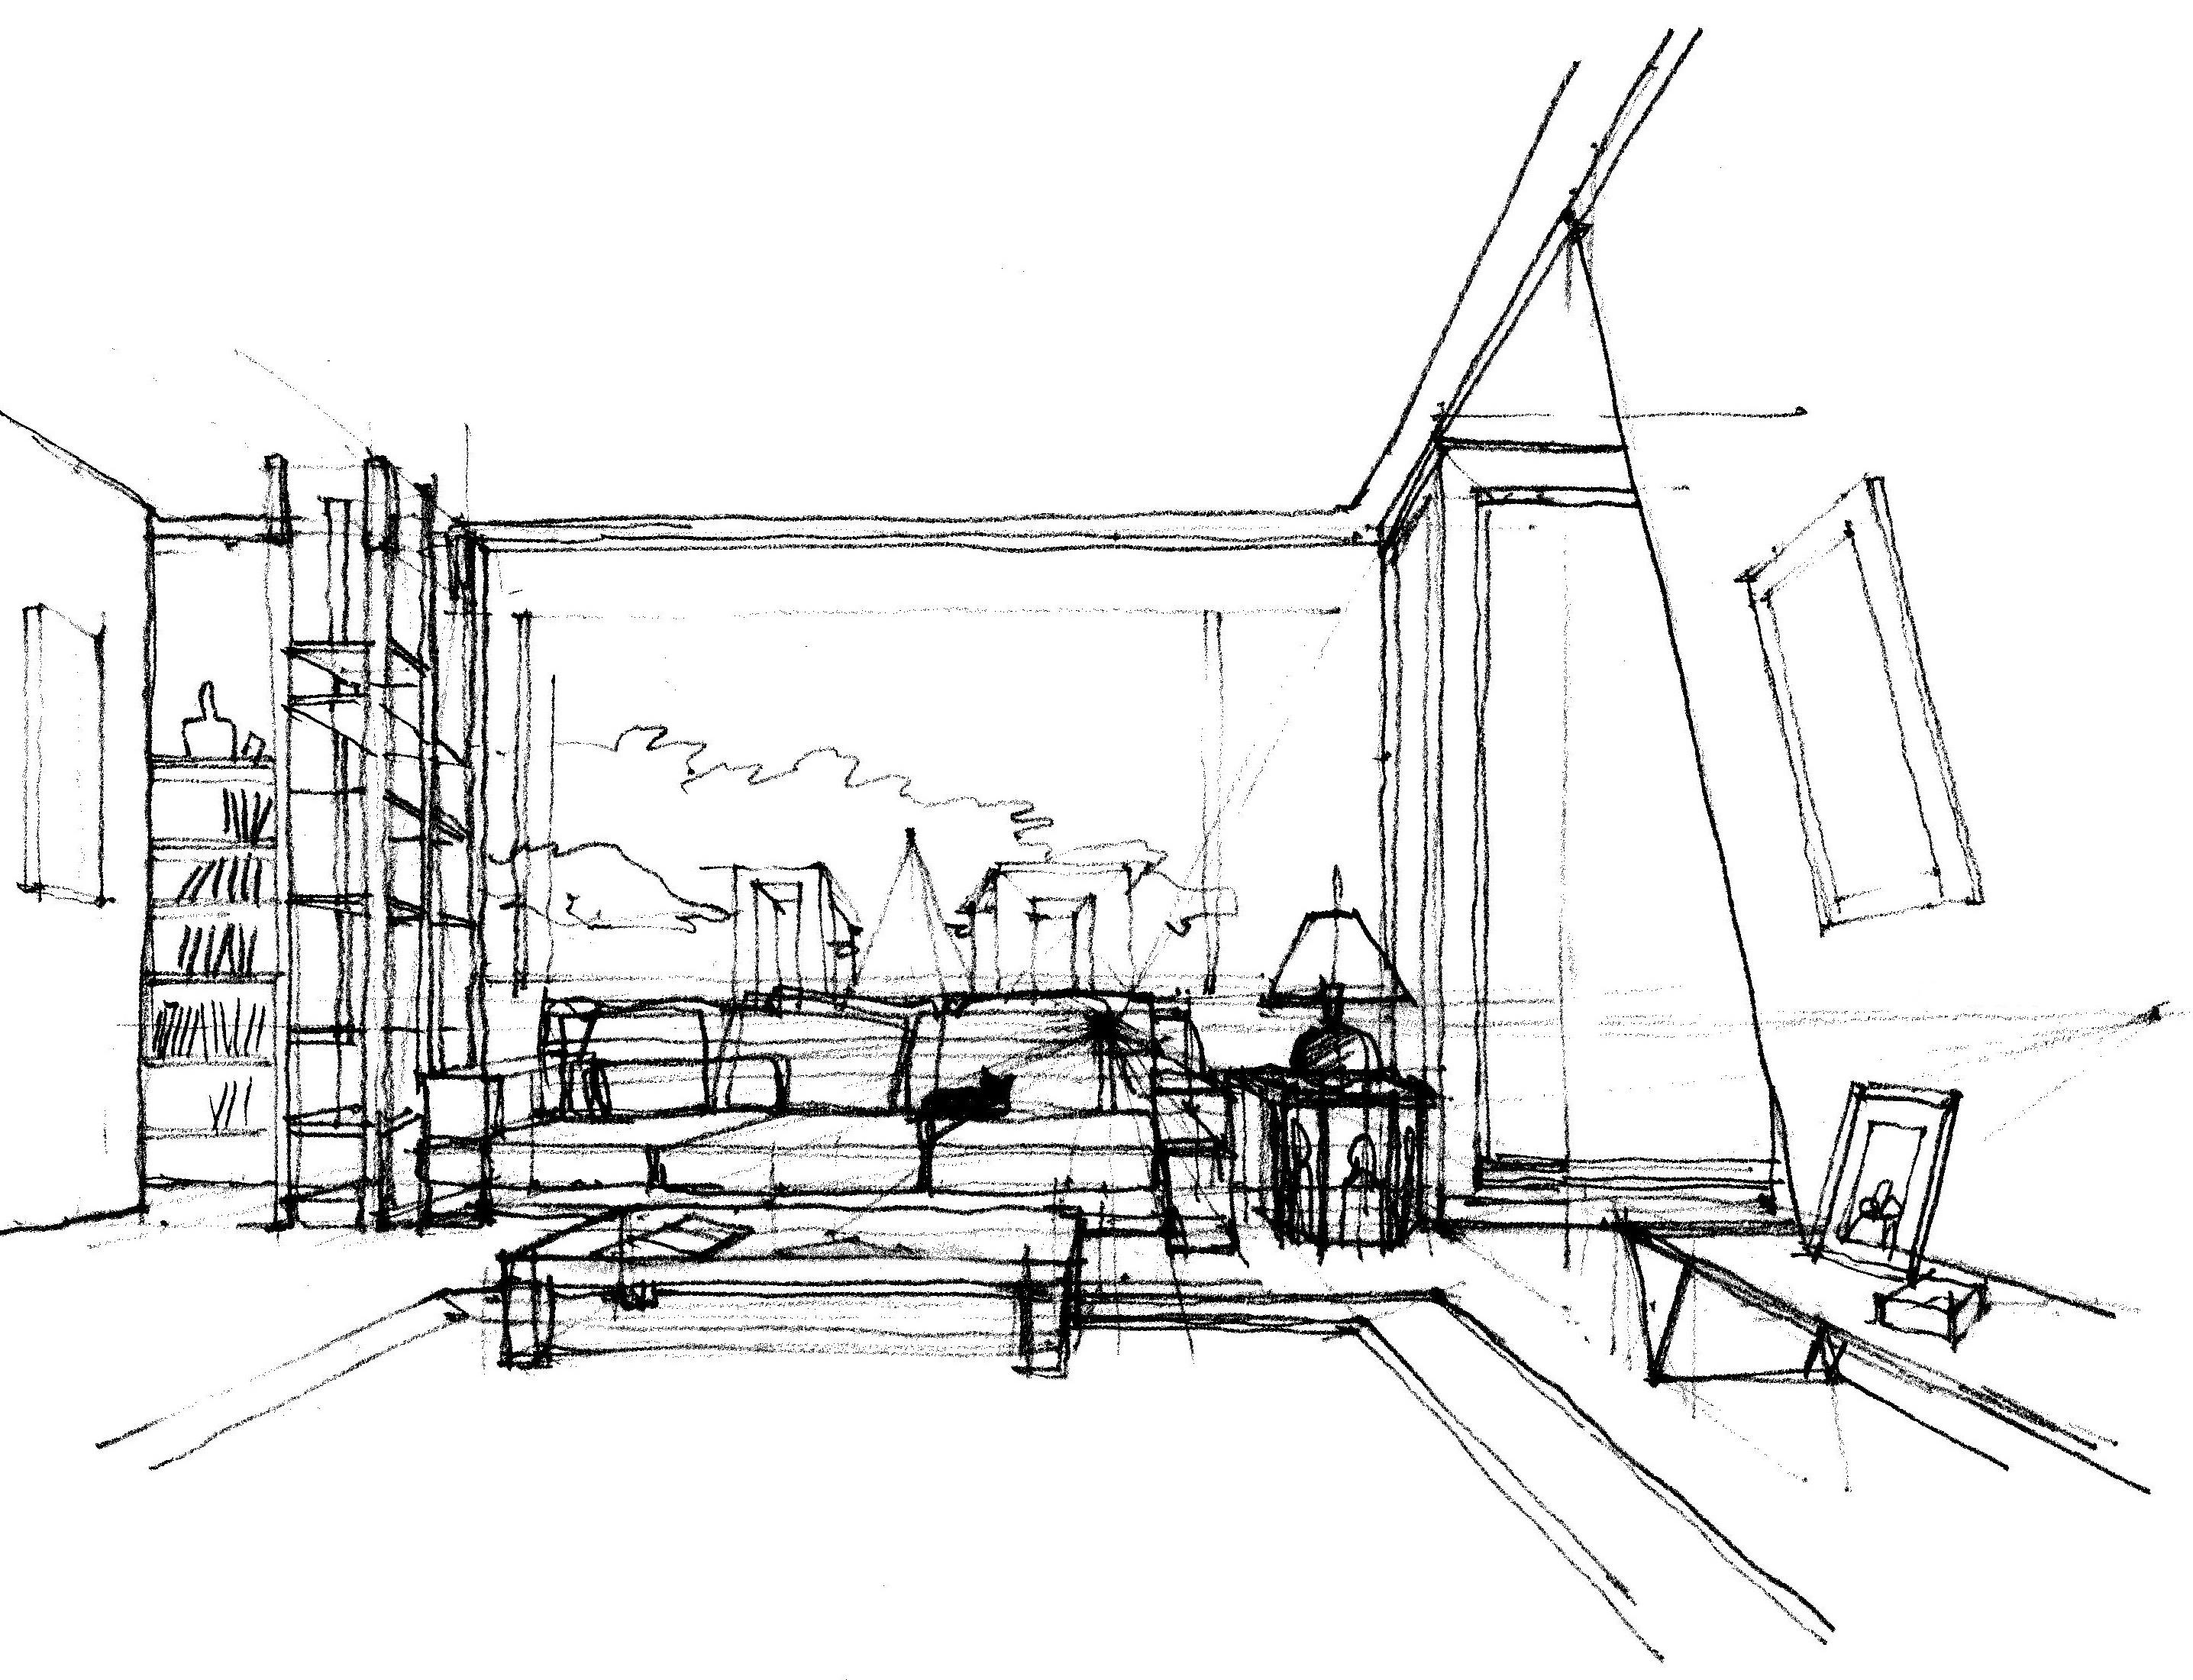 Assonometria madeininterior for Immagine di un disegno di architetto